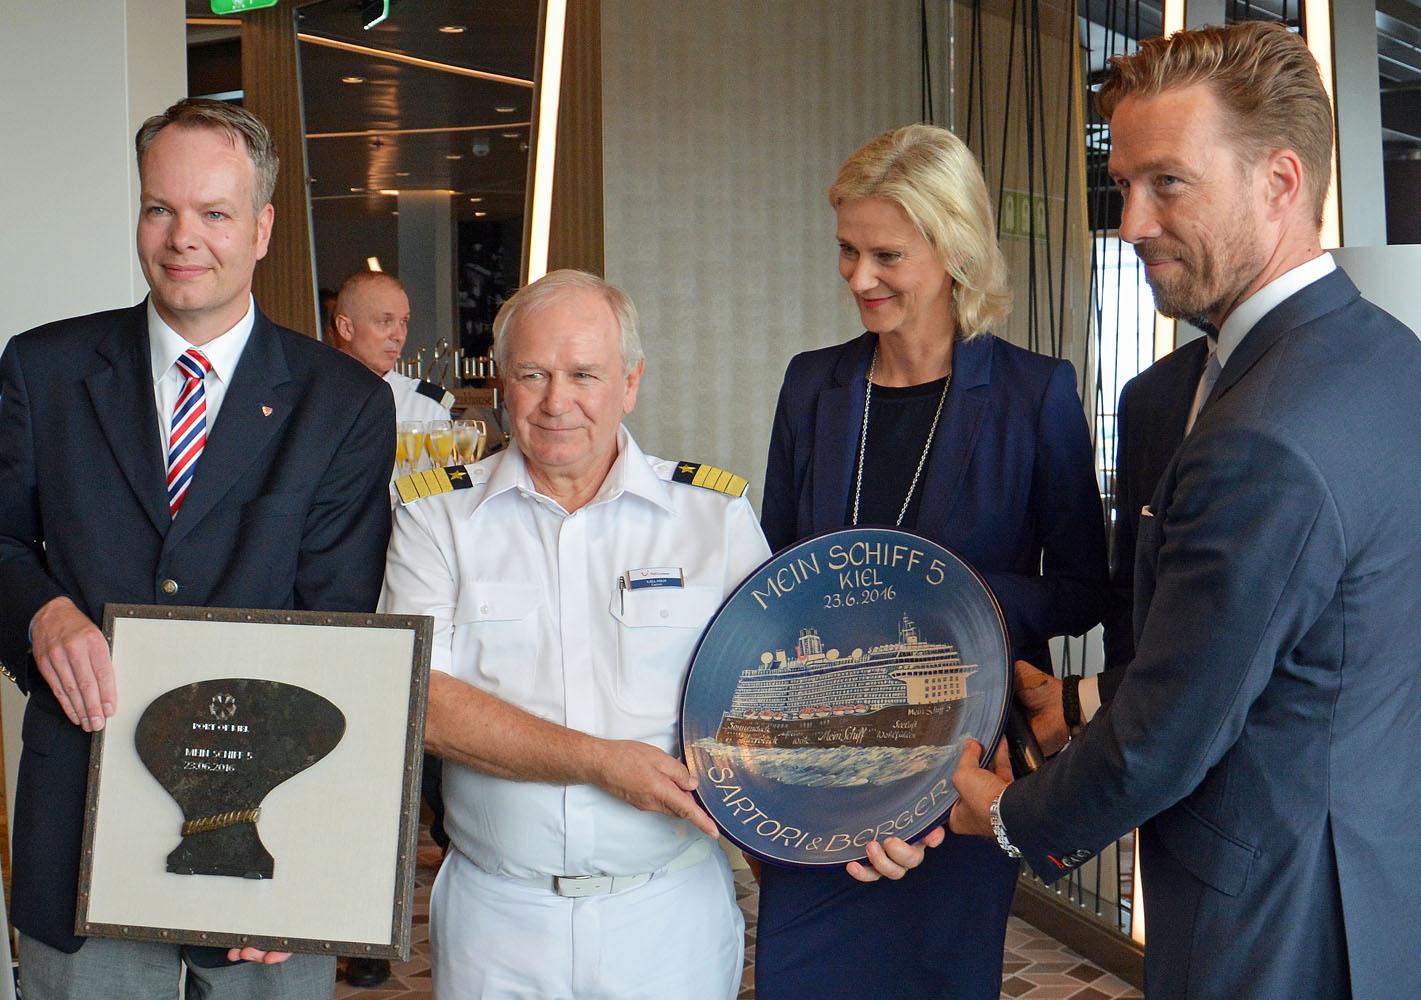 Übergabe der Erst-Anlaufplakette (von links): Robert Vollborn, stv. Stadpräsident, Kapitän Kjell Holm, Wybcke Meier, TUI Cruises und Dirk Claus, Hafenchef.